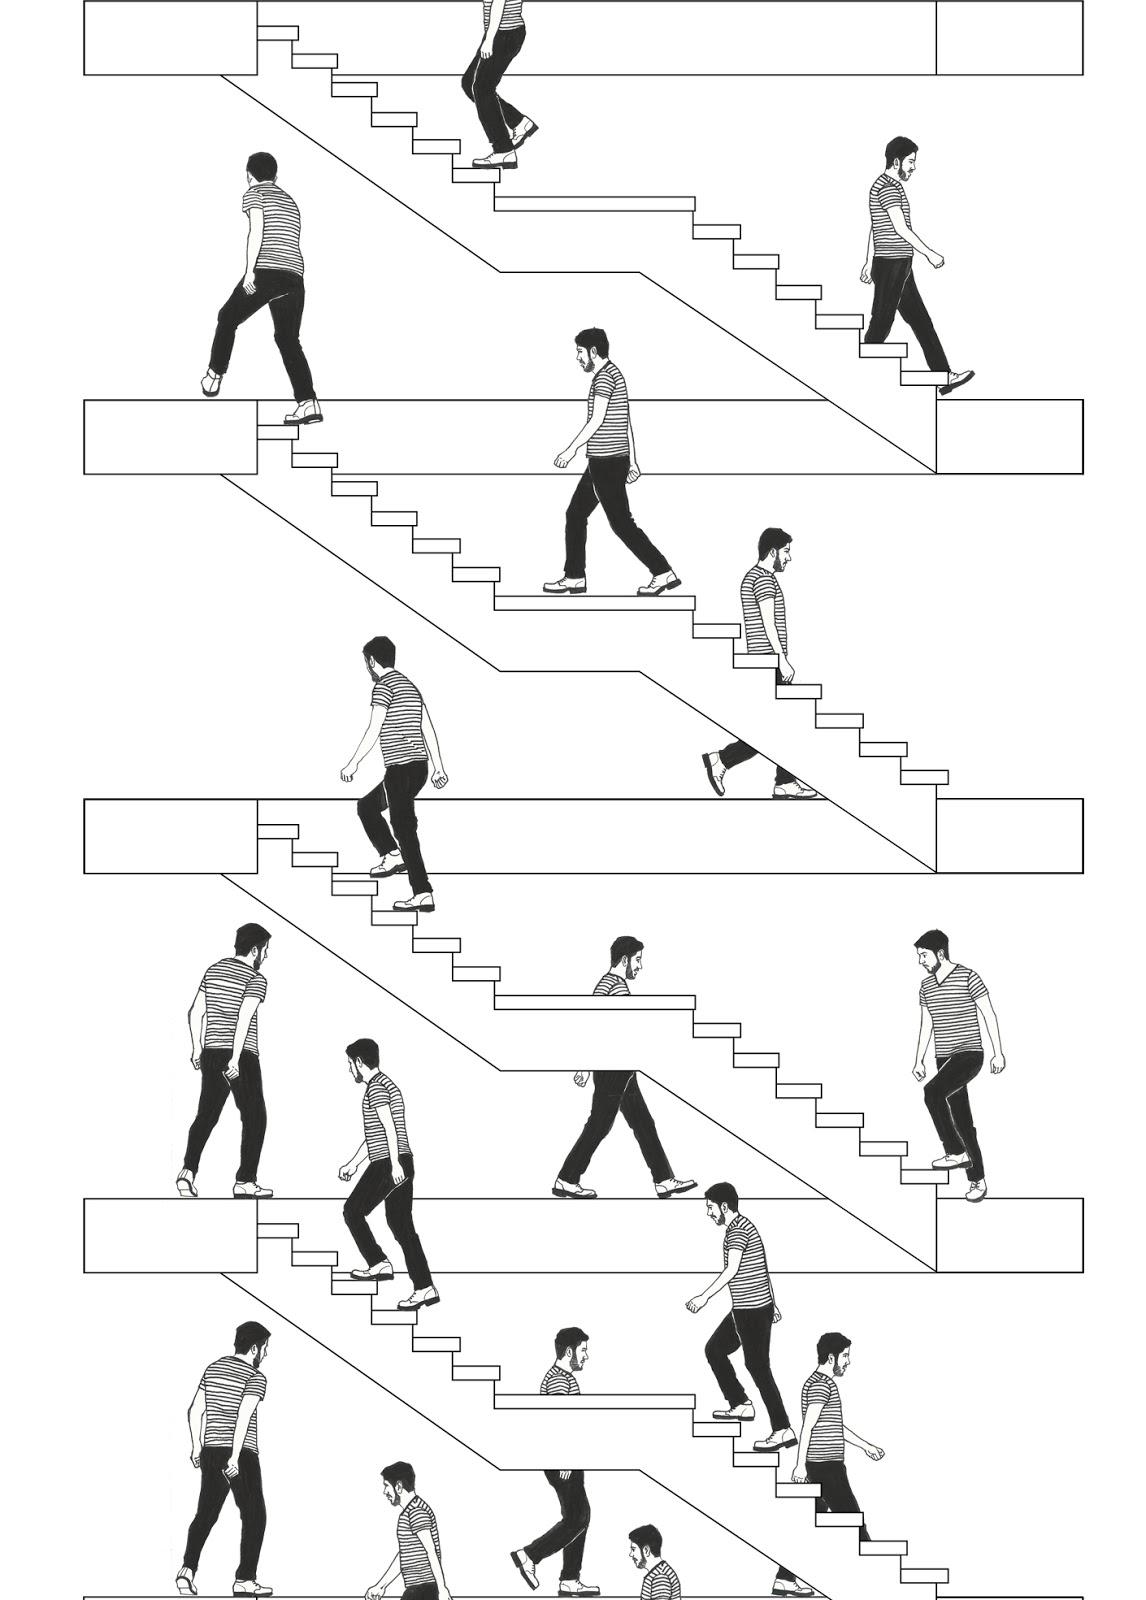 Escaleras infinitas for Escaleras infinitas